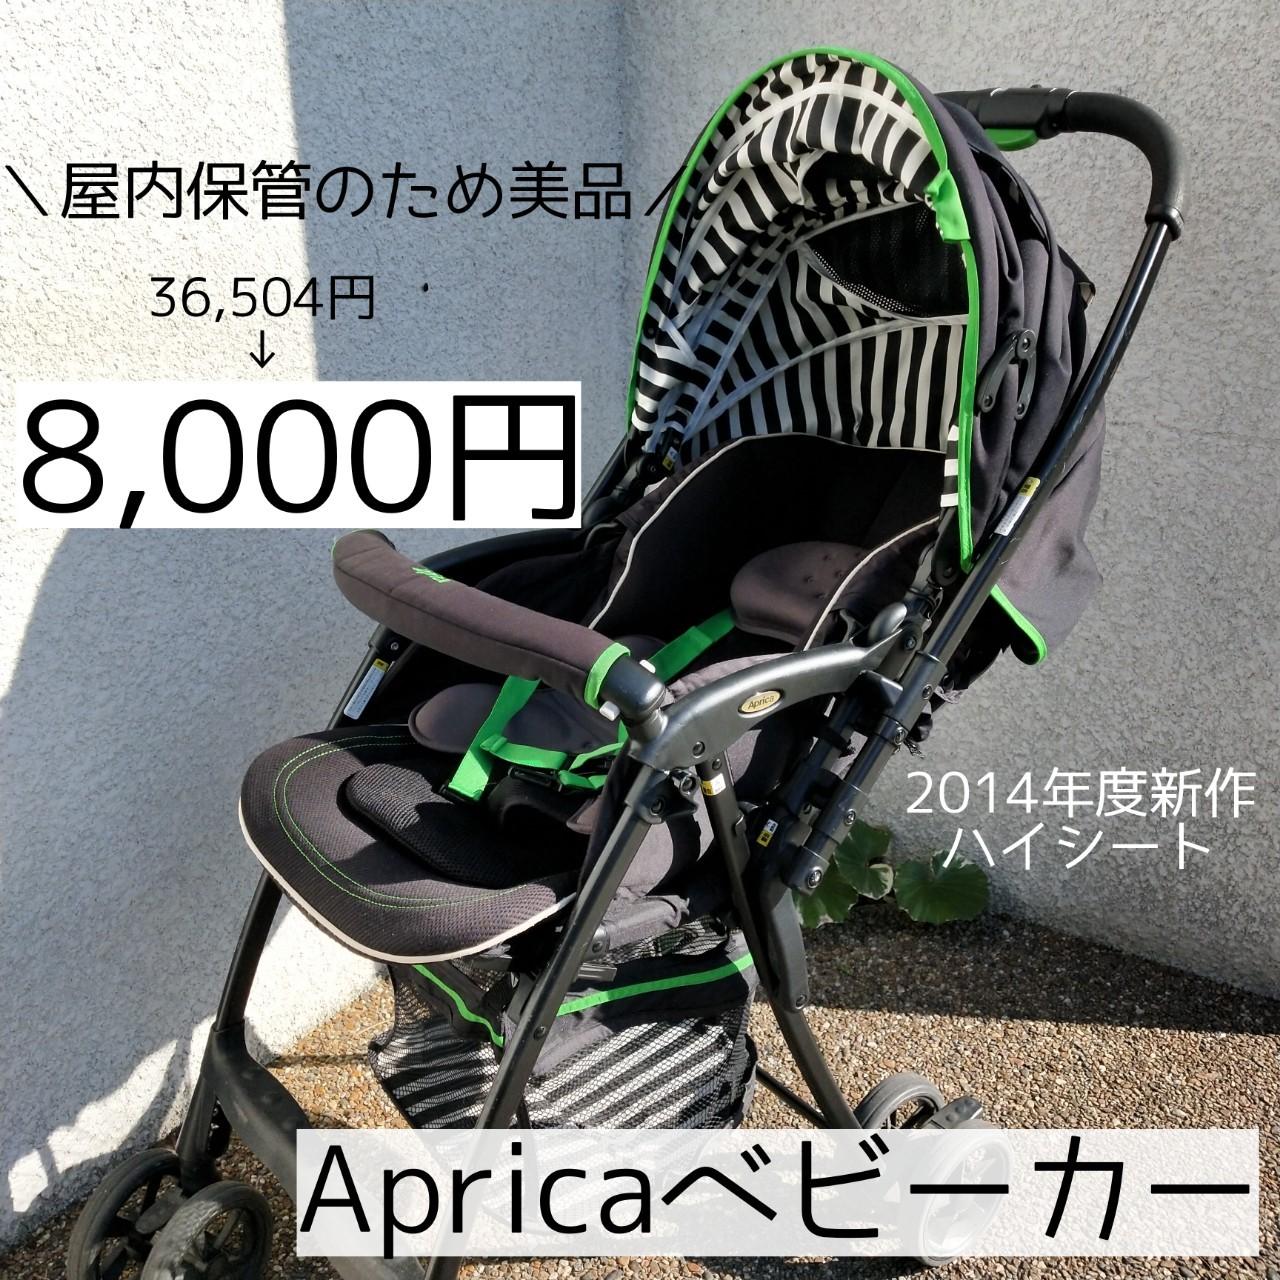 ④Apricaベビーカー 8000円